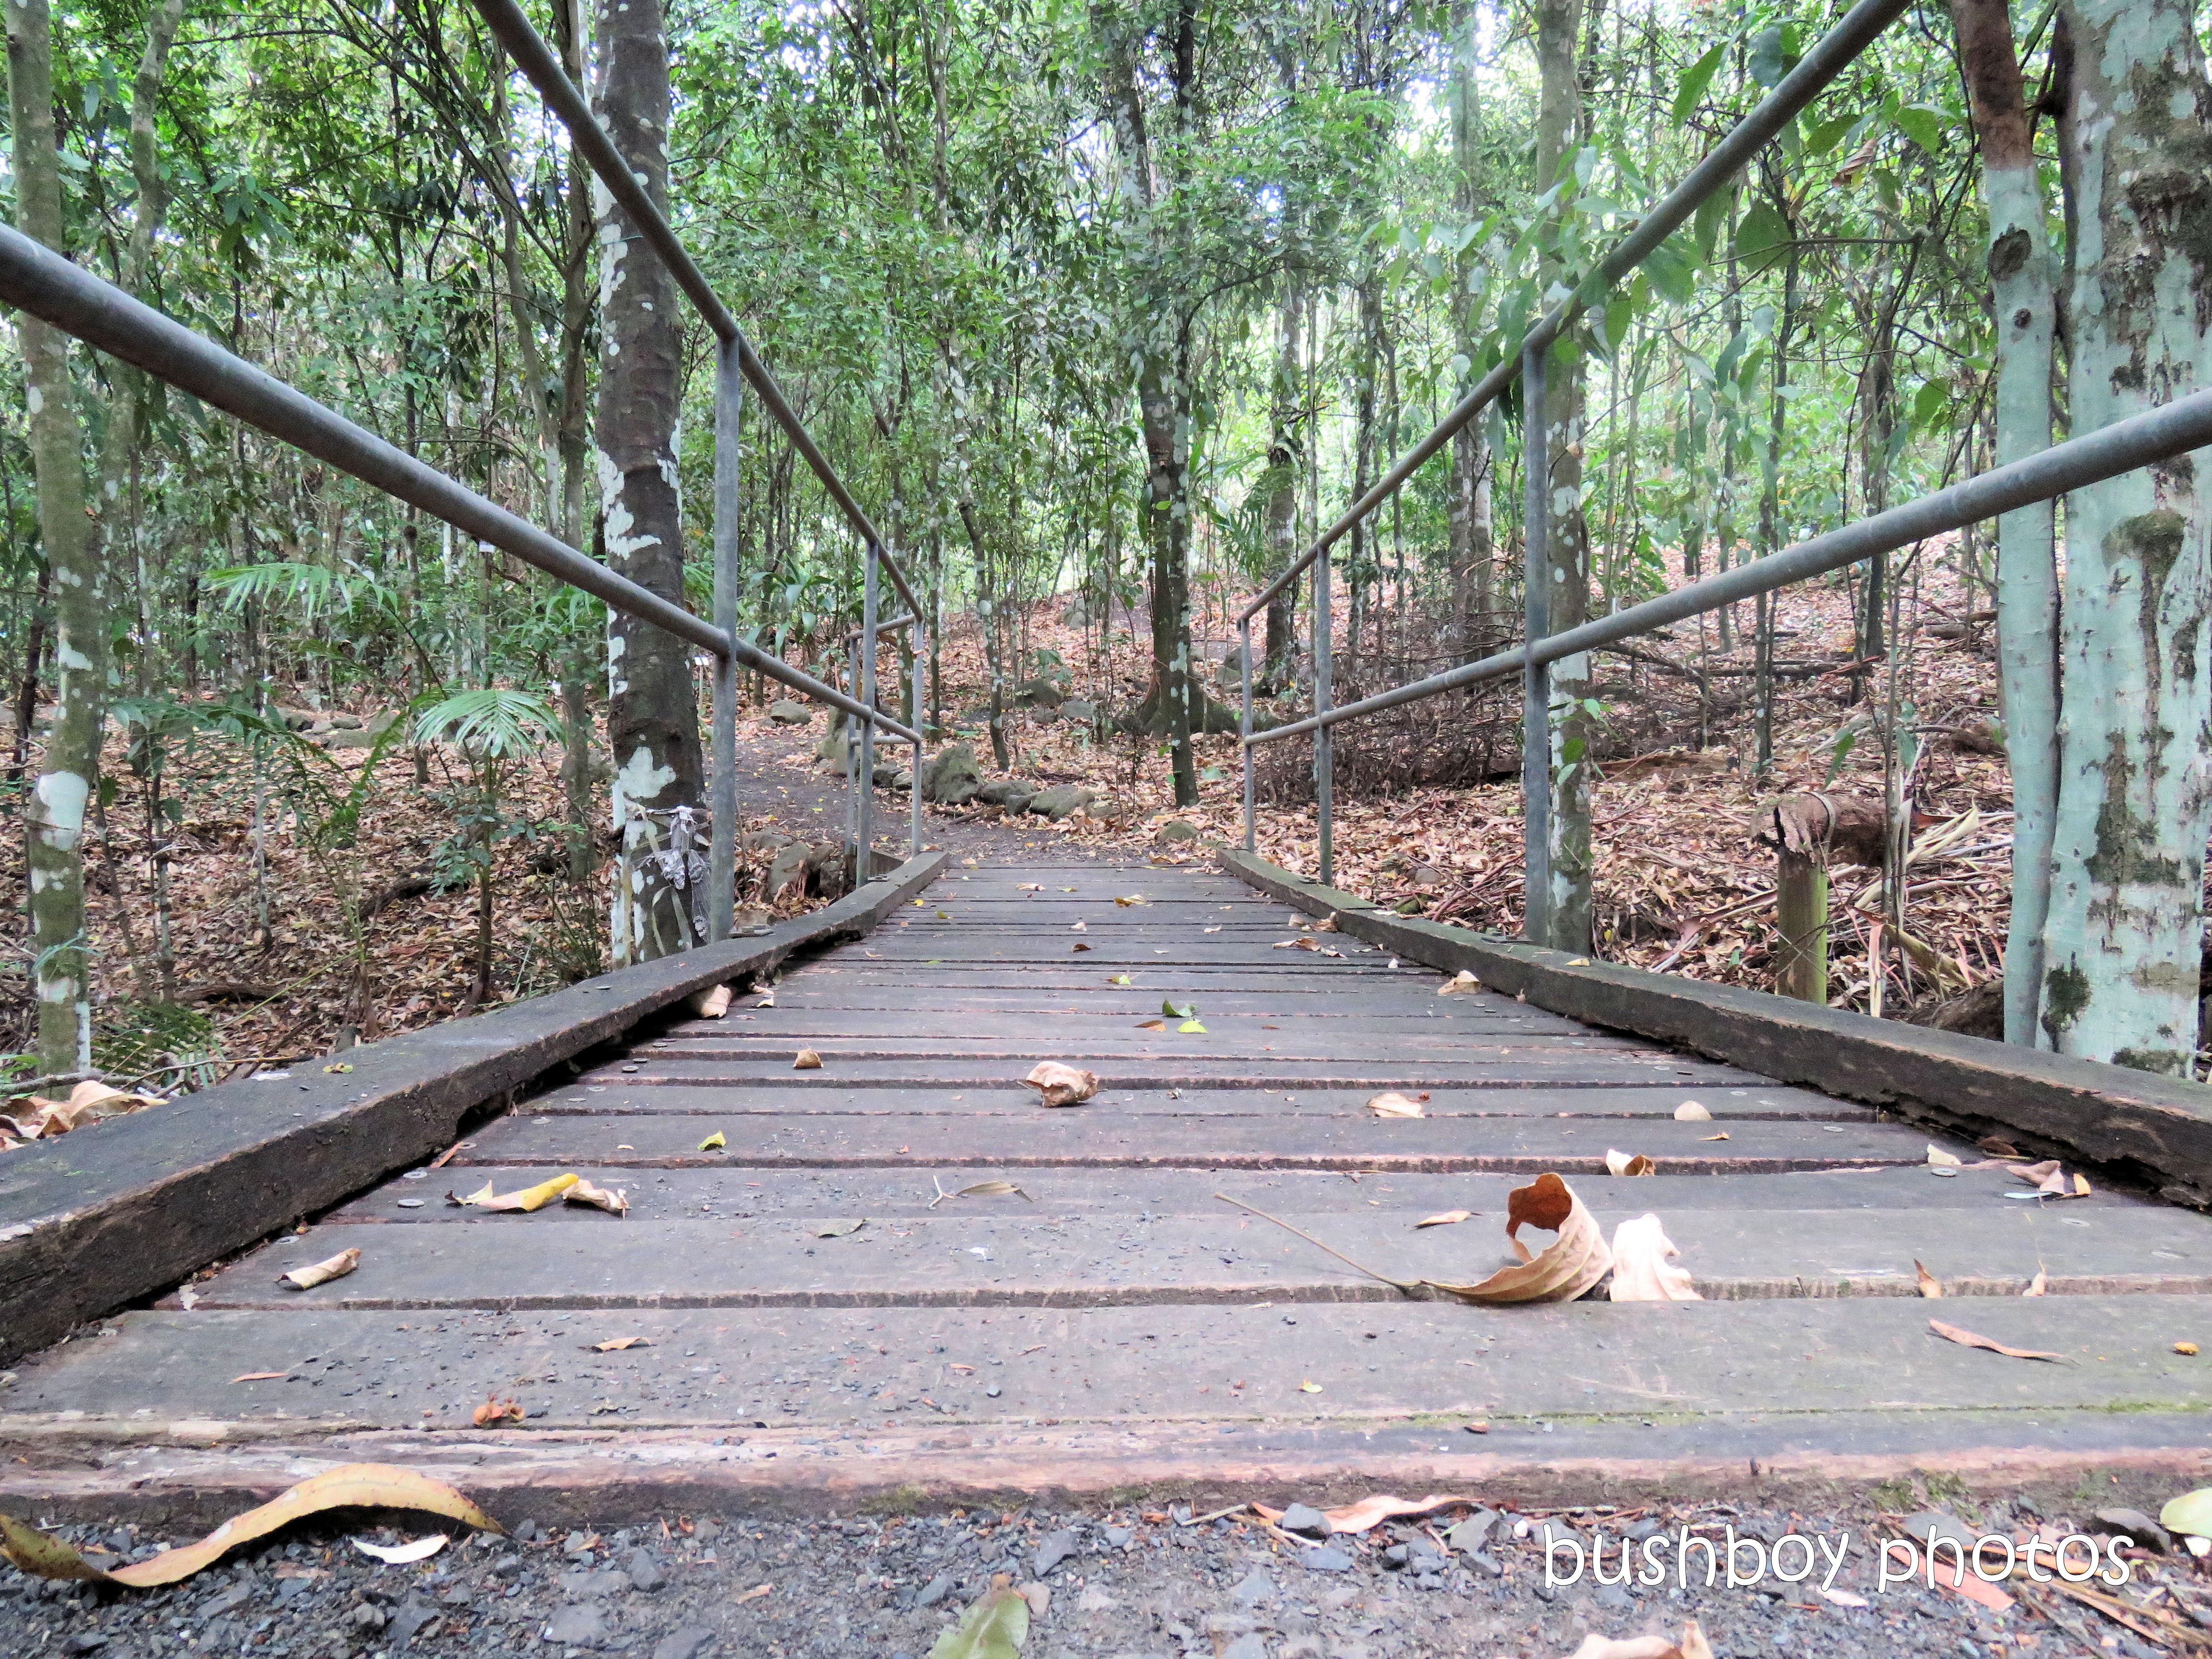 lismore_botanical_gardens_paths_bridges1_jan 2019 (4)